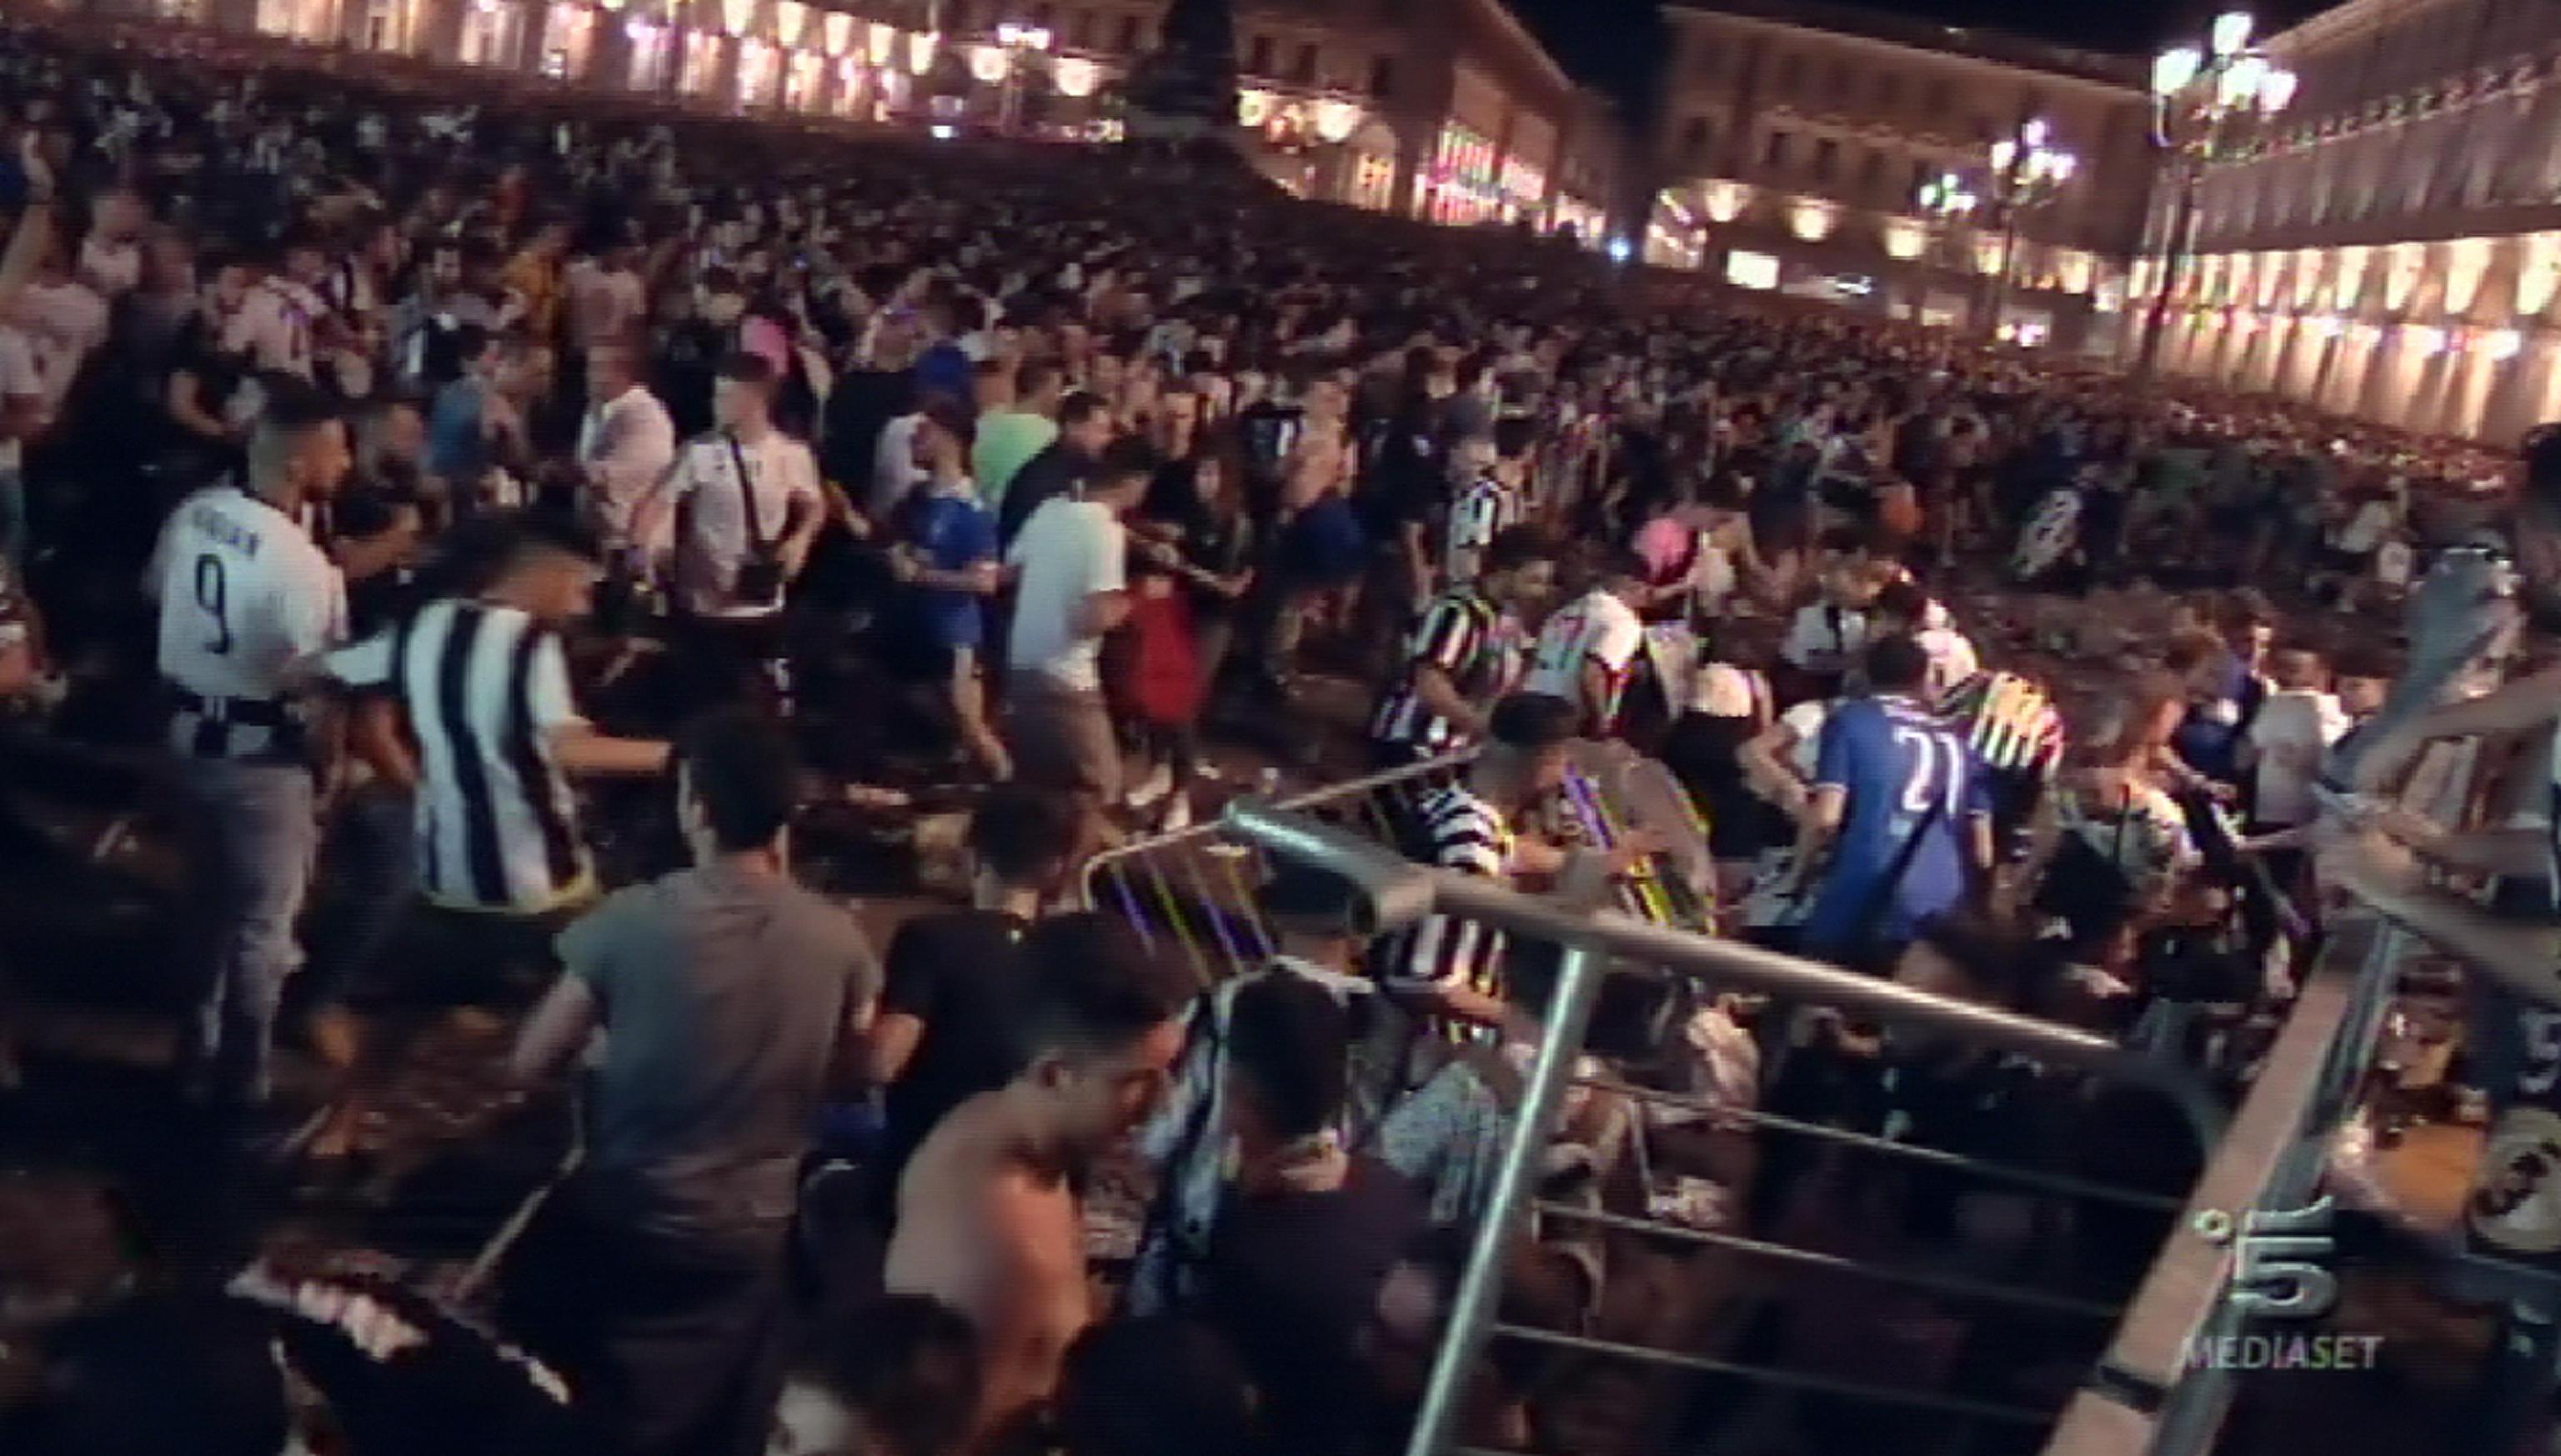 Scatenarono il panico in Piazza San Carlo, 8 gli arresti